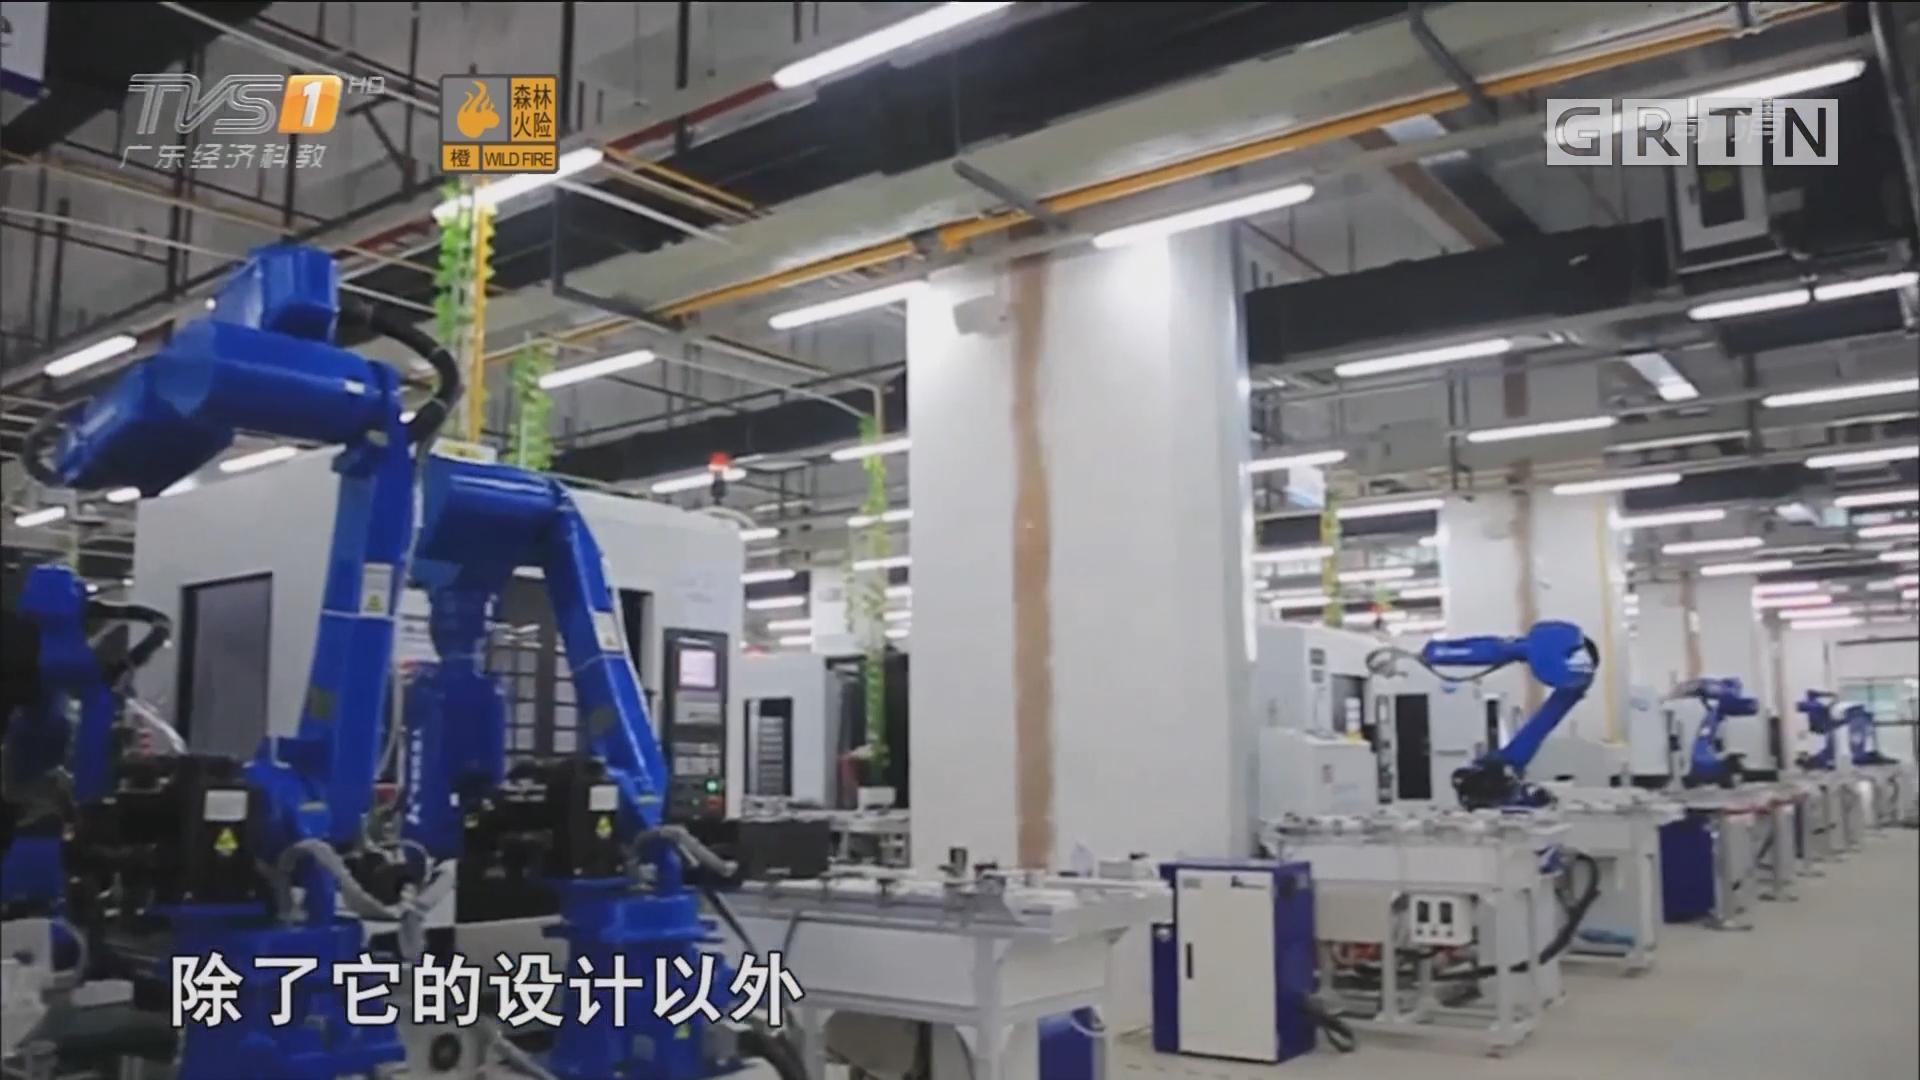 广东思谷:科创产业的脊梁骨